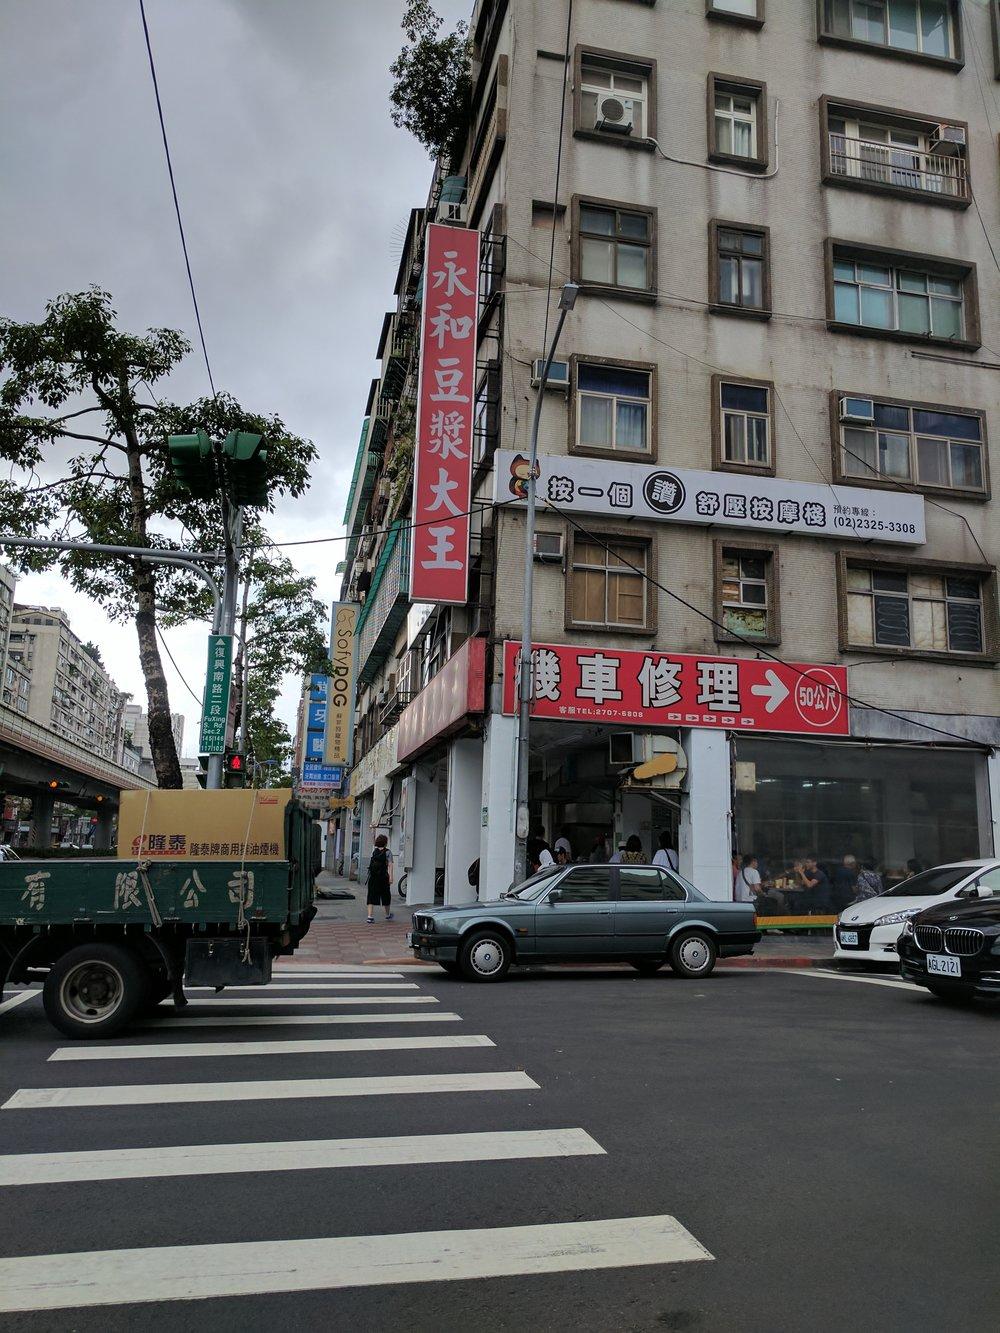 24h taiwanese breakfasttttttt.